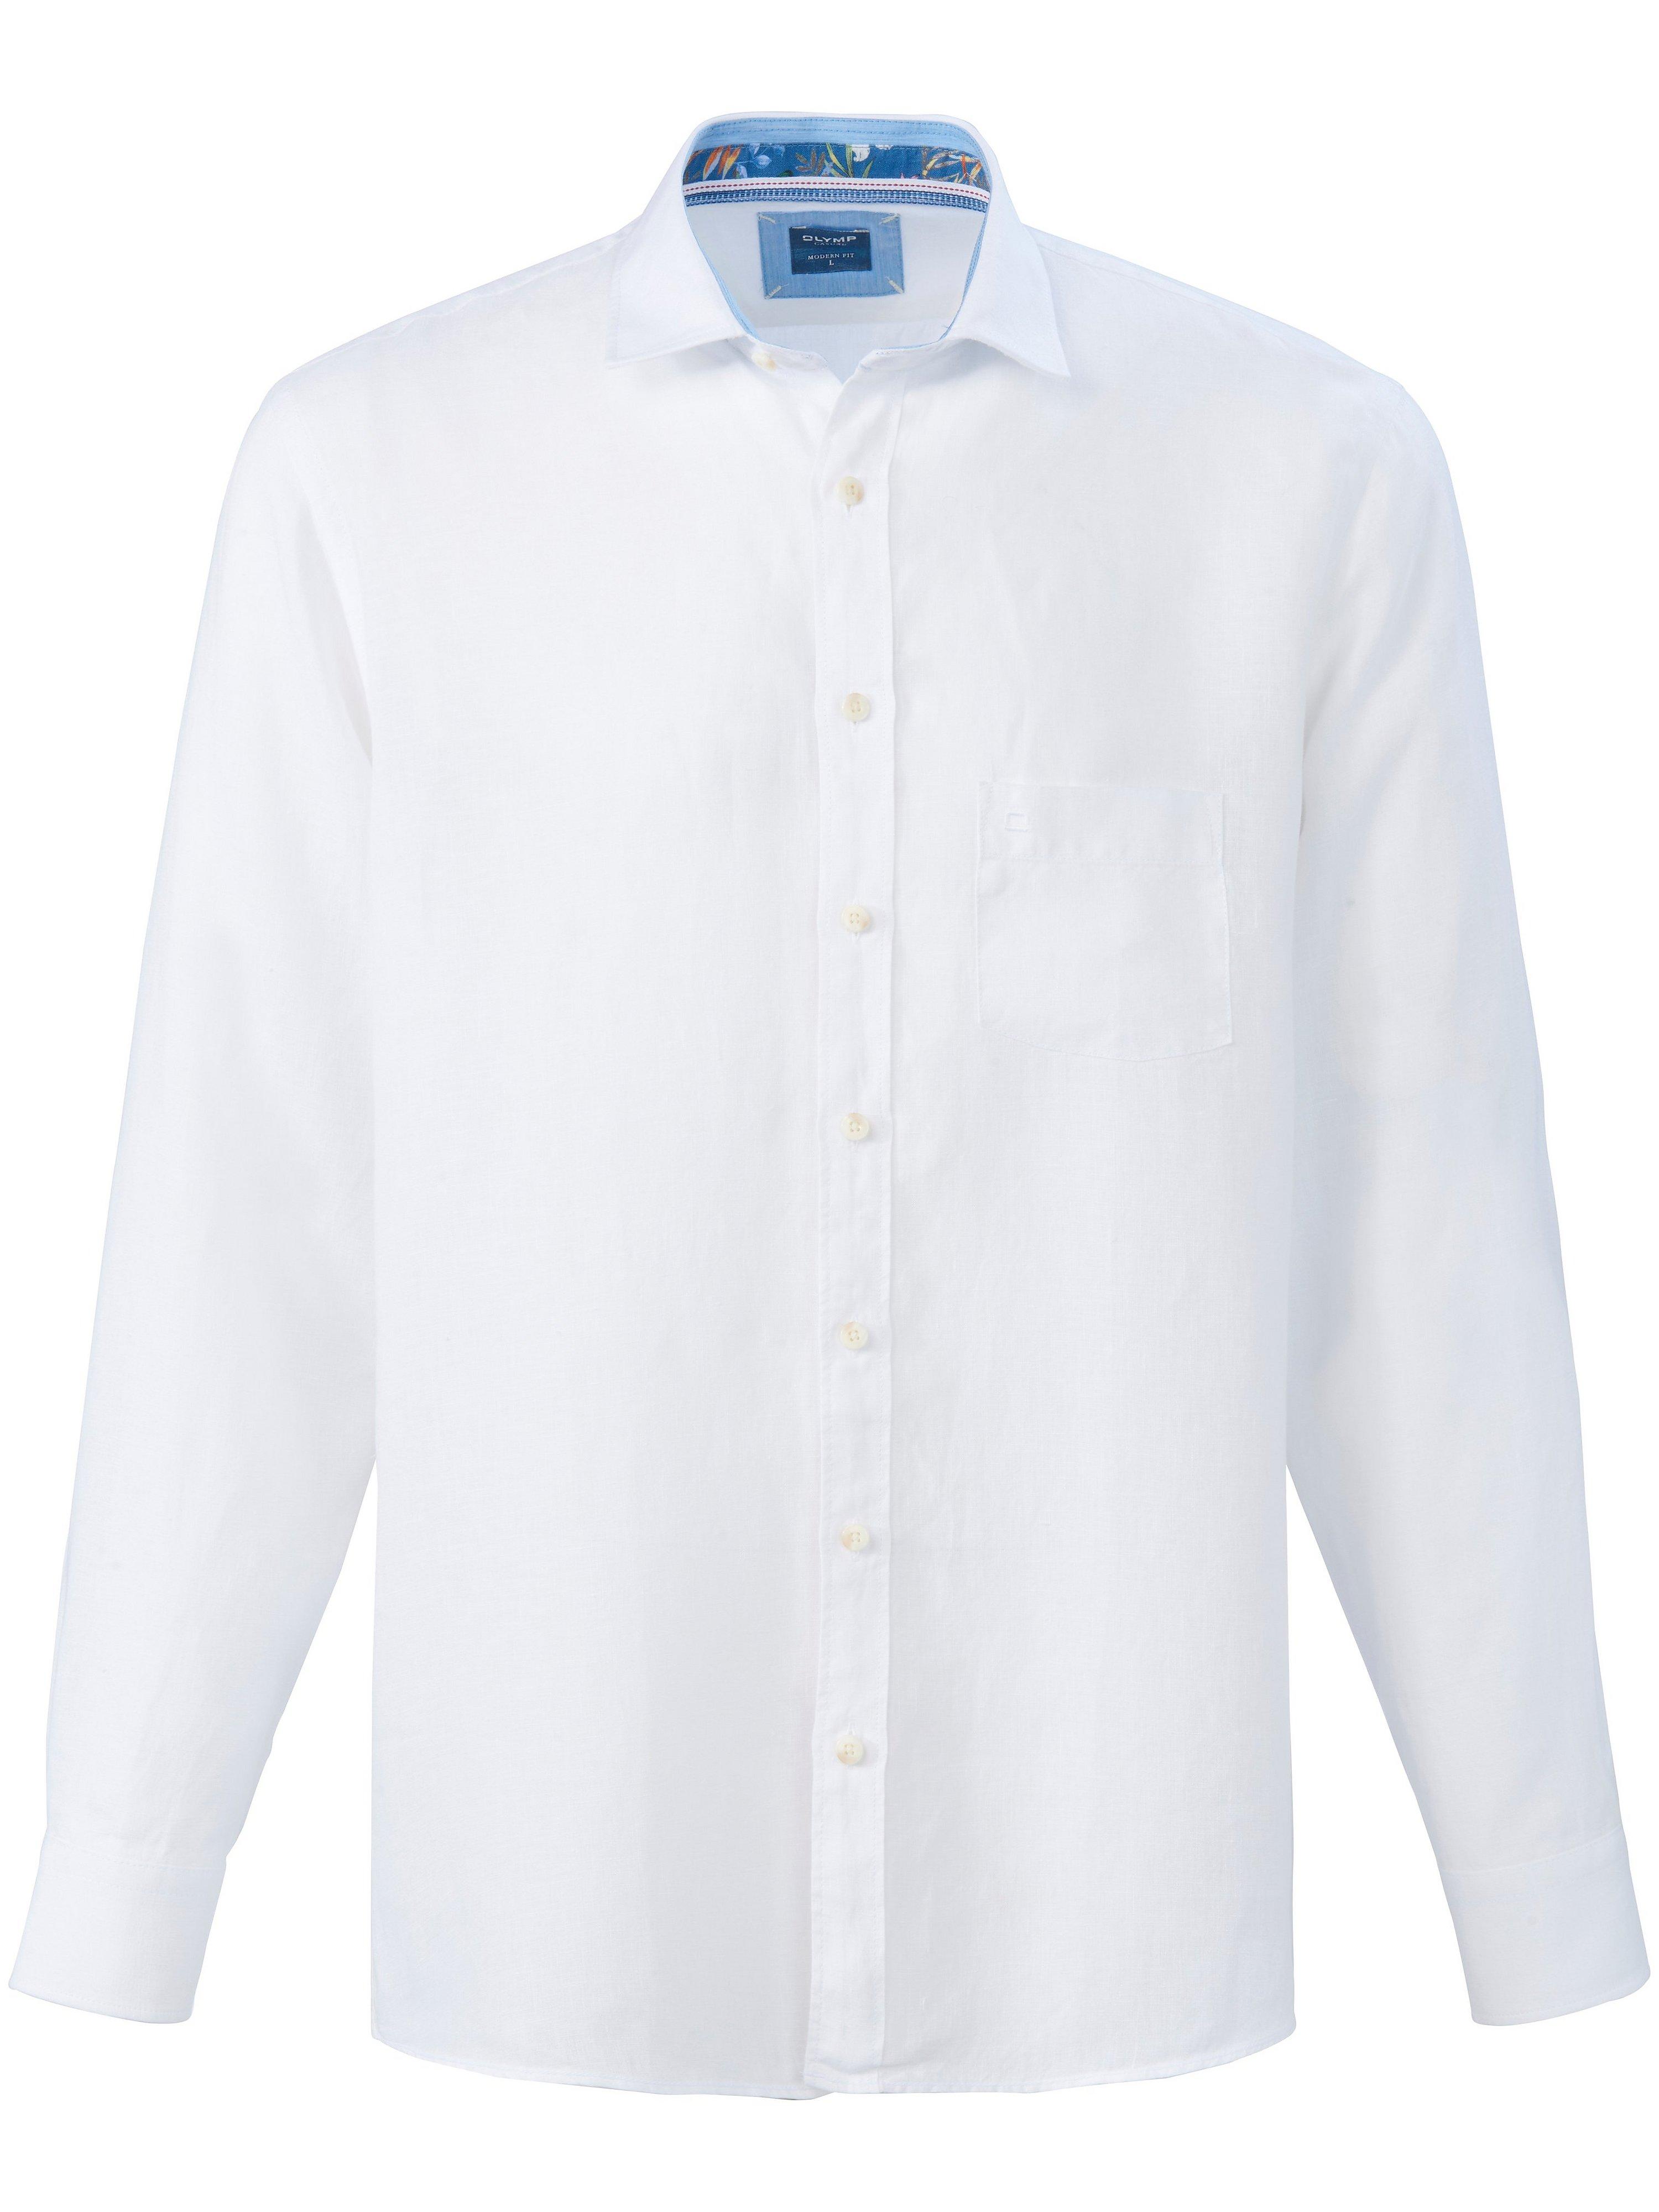 Overhemd 100% linnen kentkraag Van Olymp wit